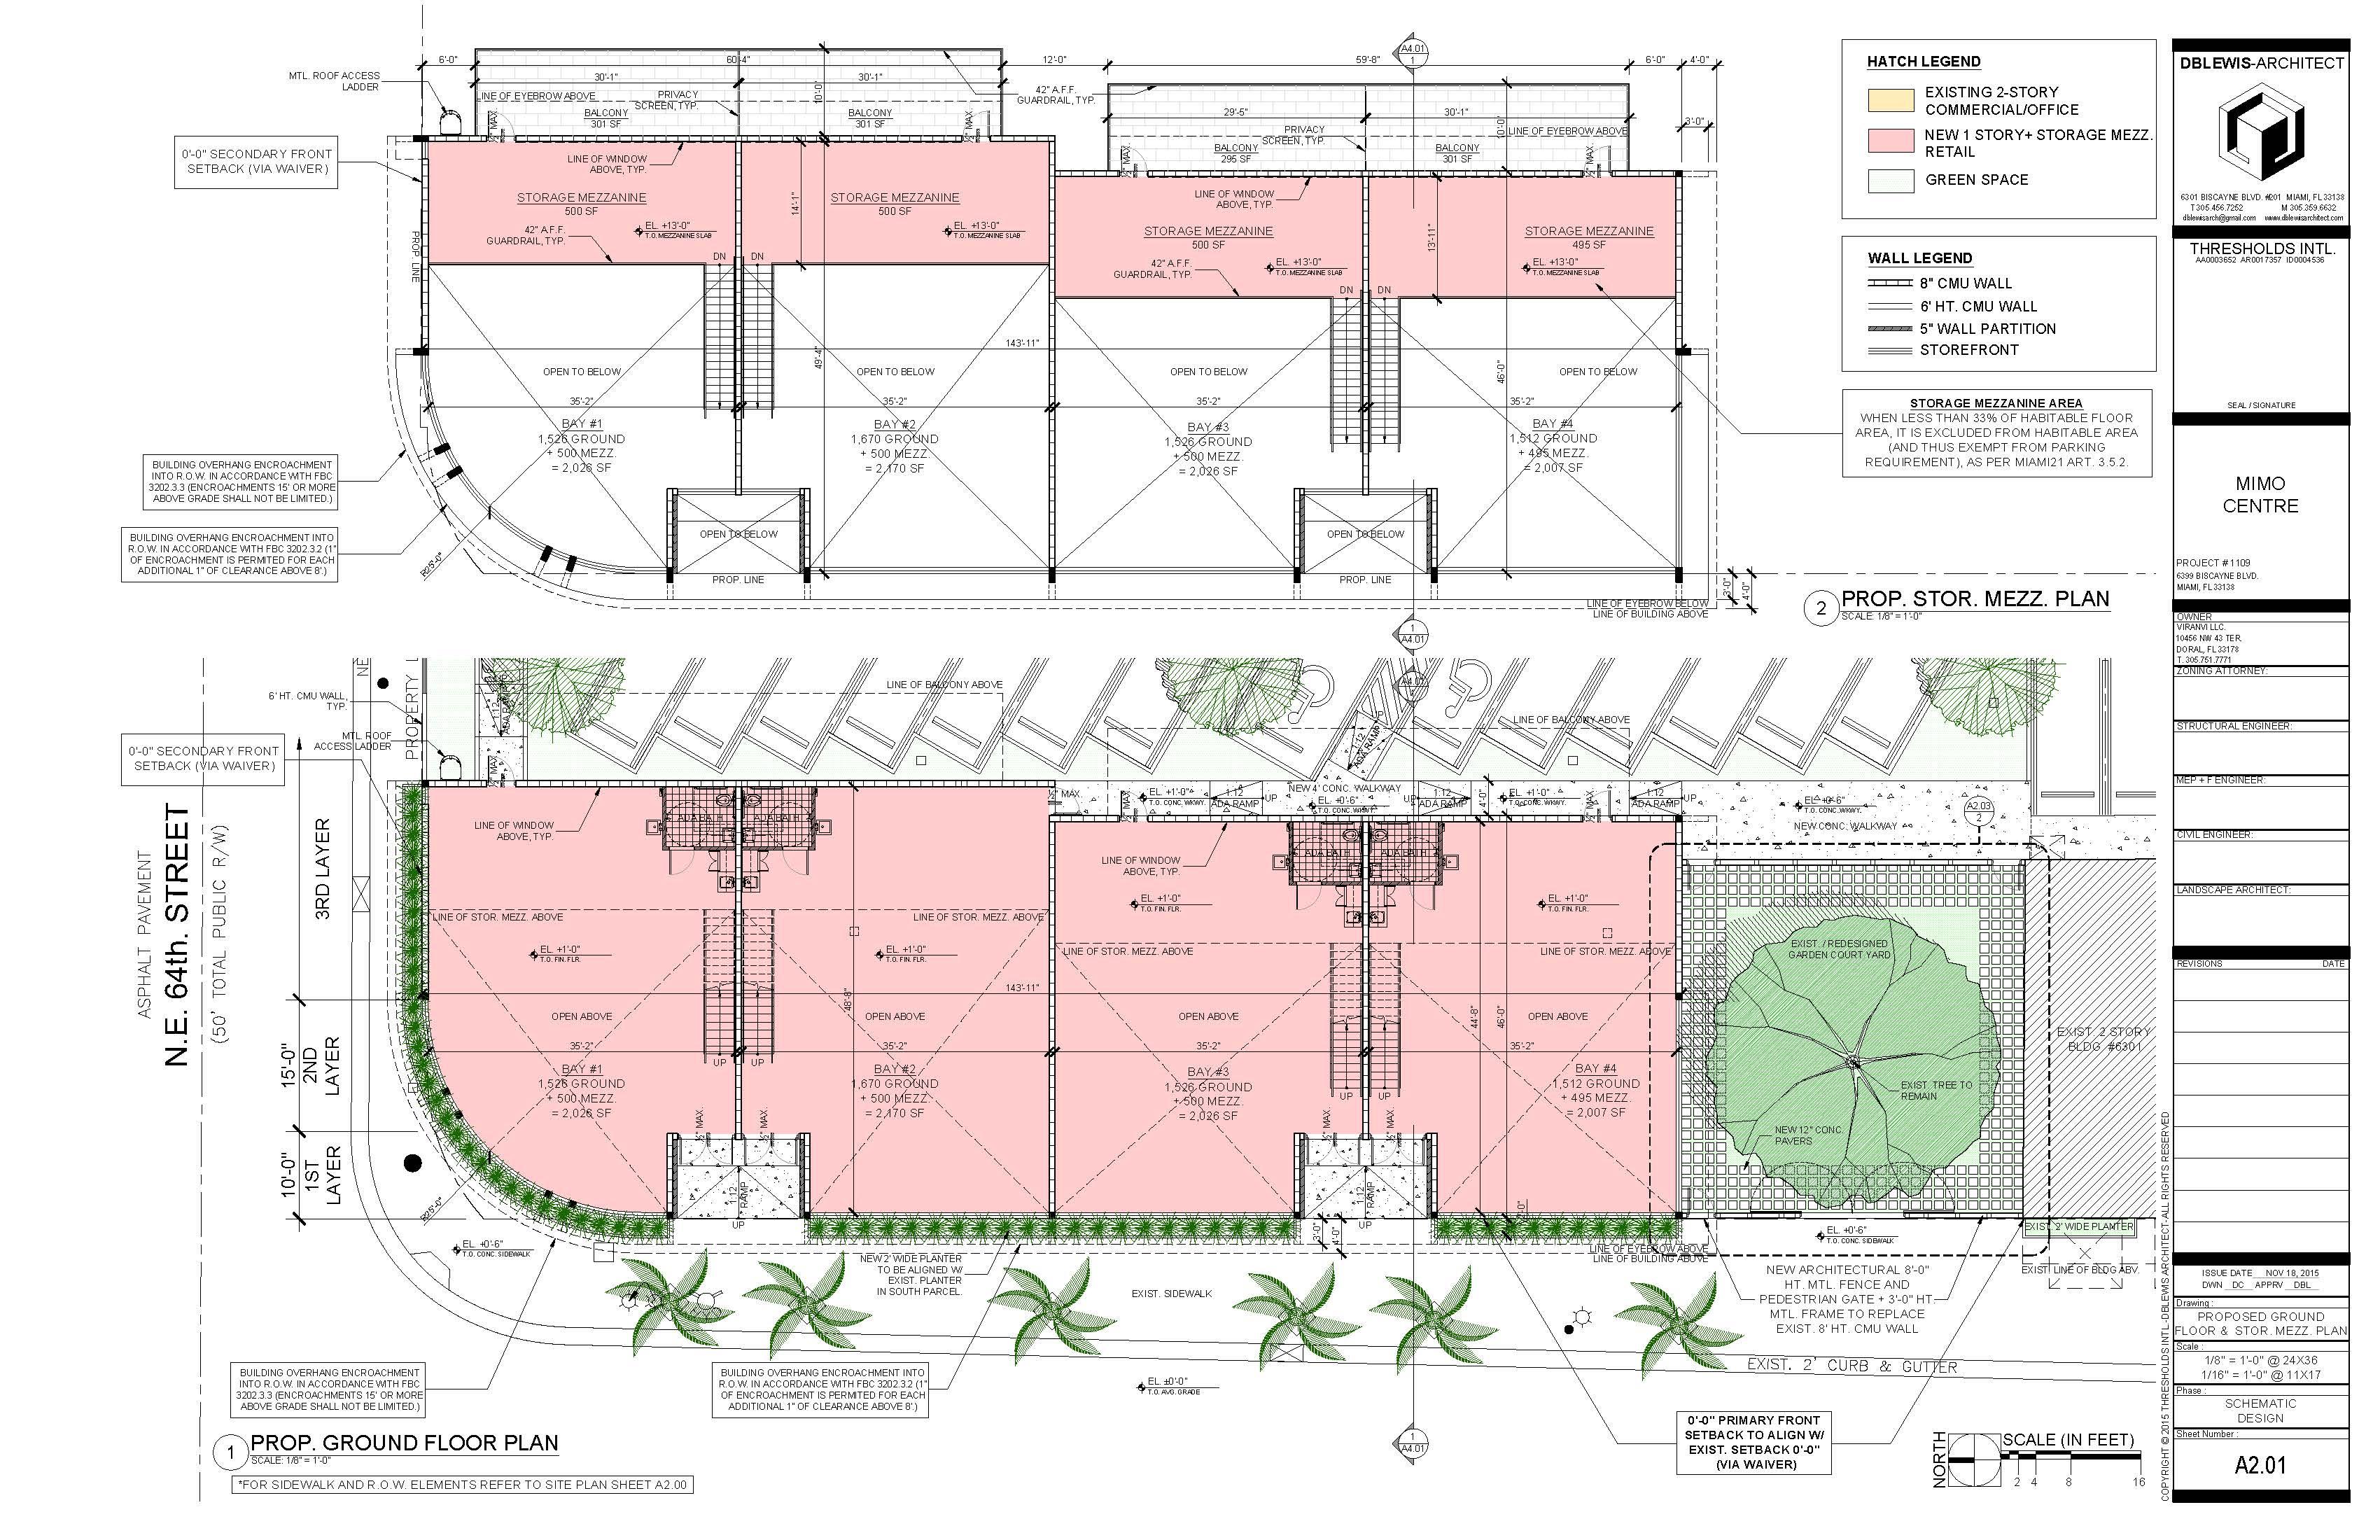 Ground floor & storage mezzanine plan